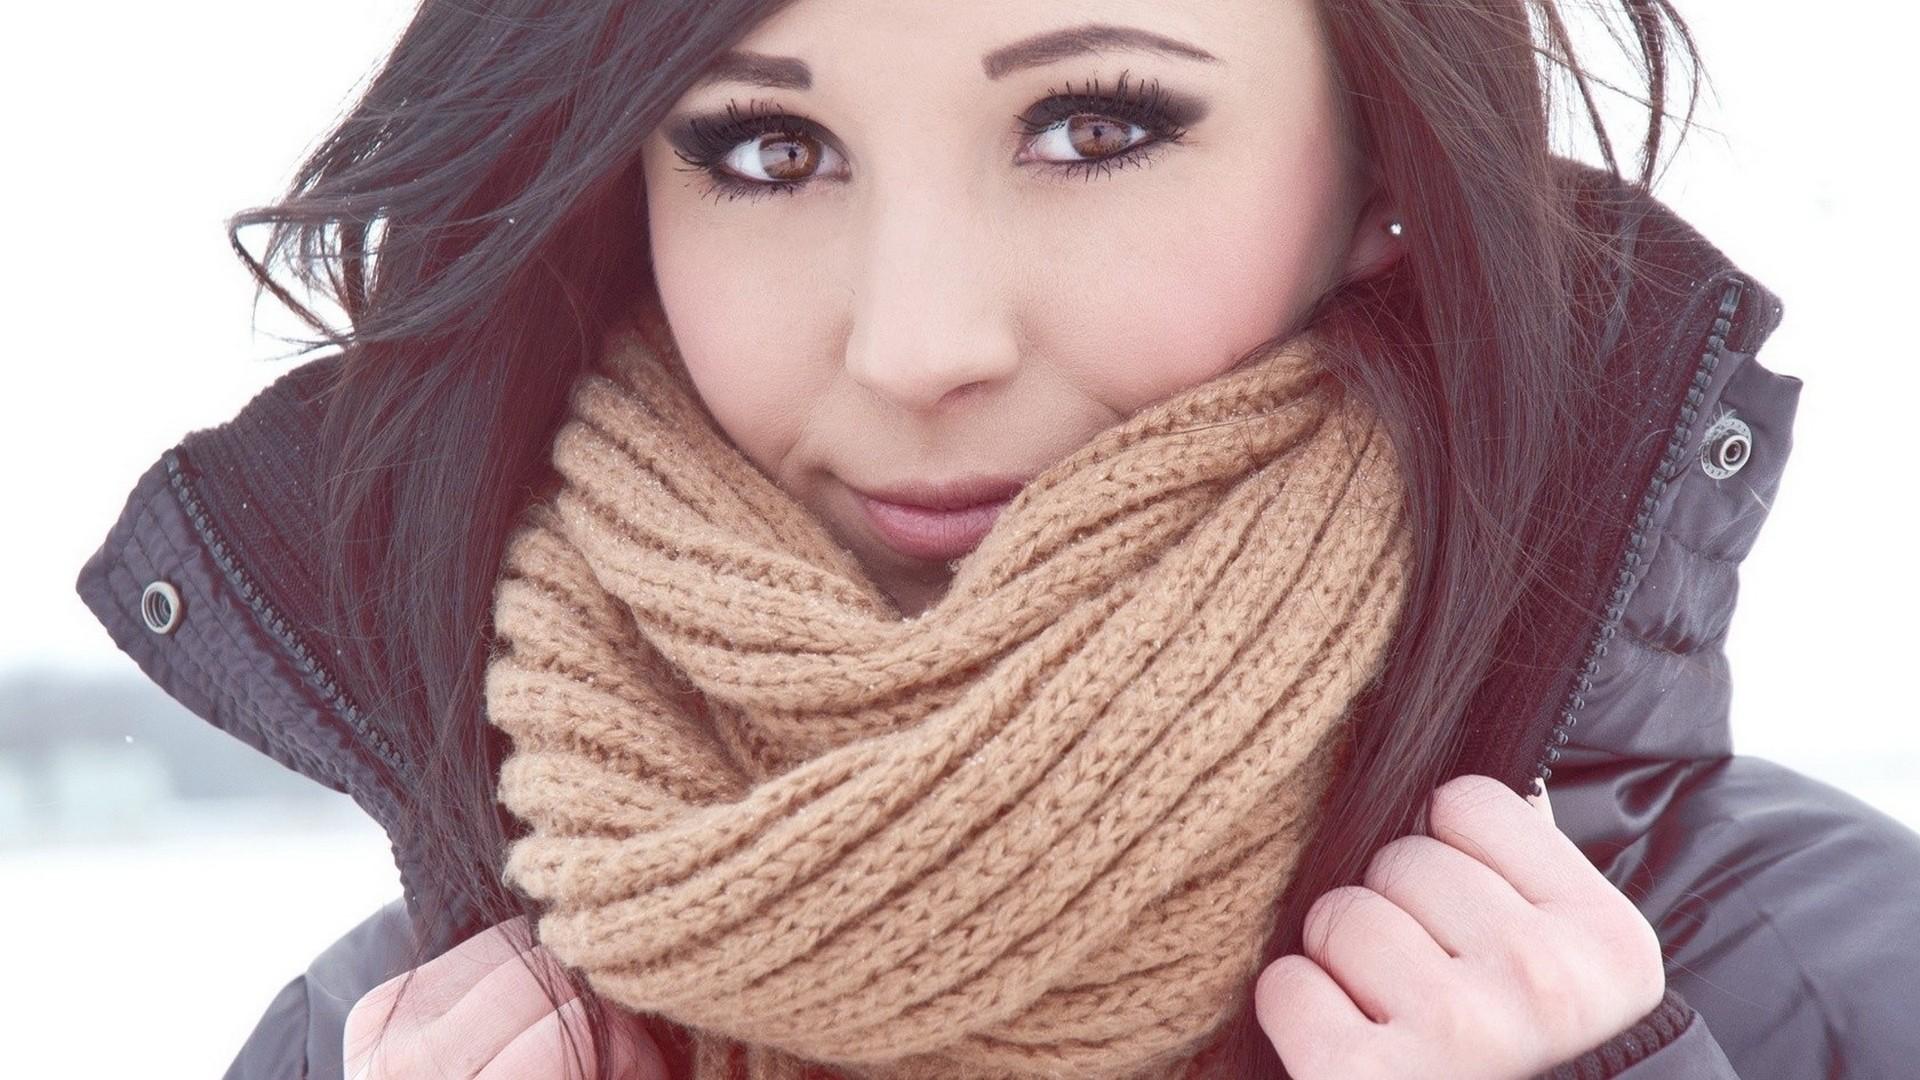 Красивые картинки вконтакте для девочек